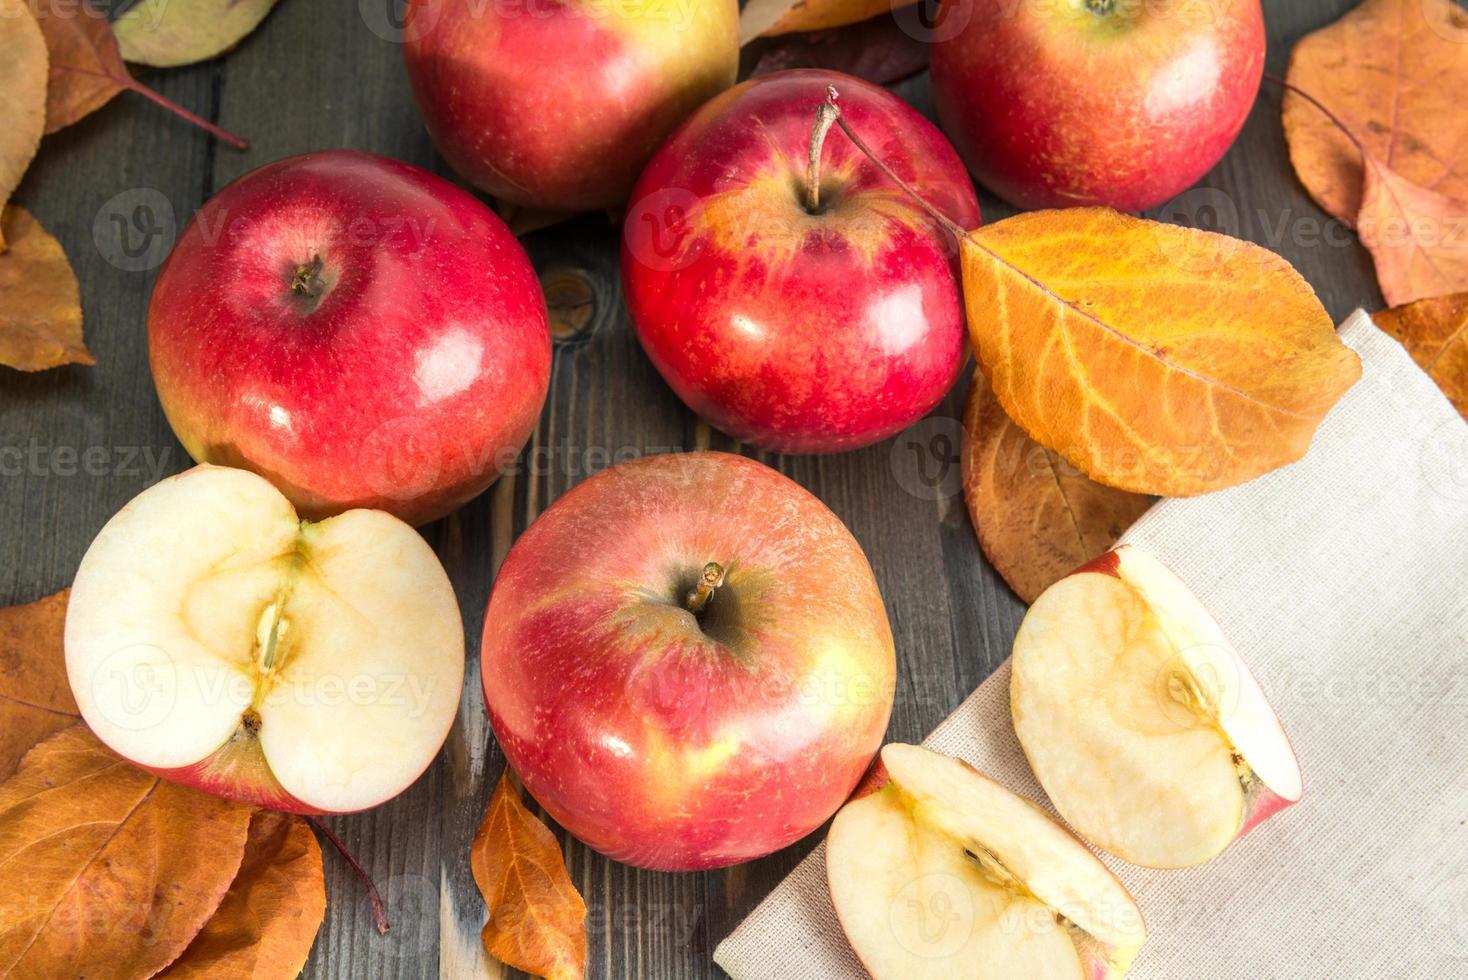 manzanas rojas de invierno en una mesa de madera foto